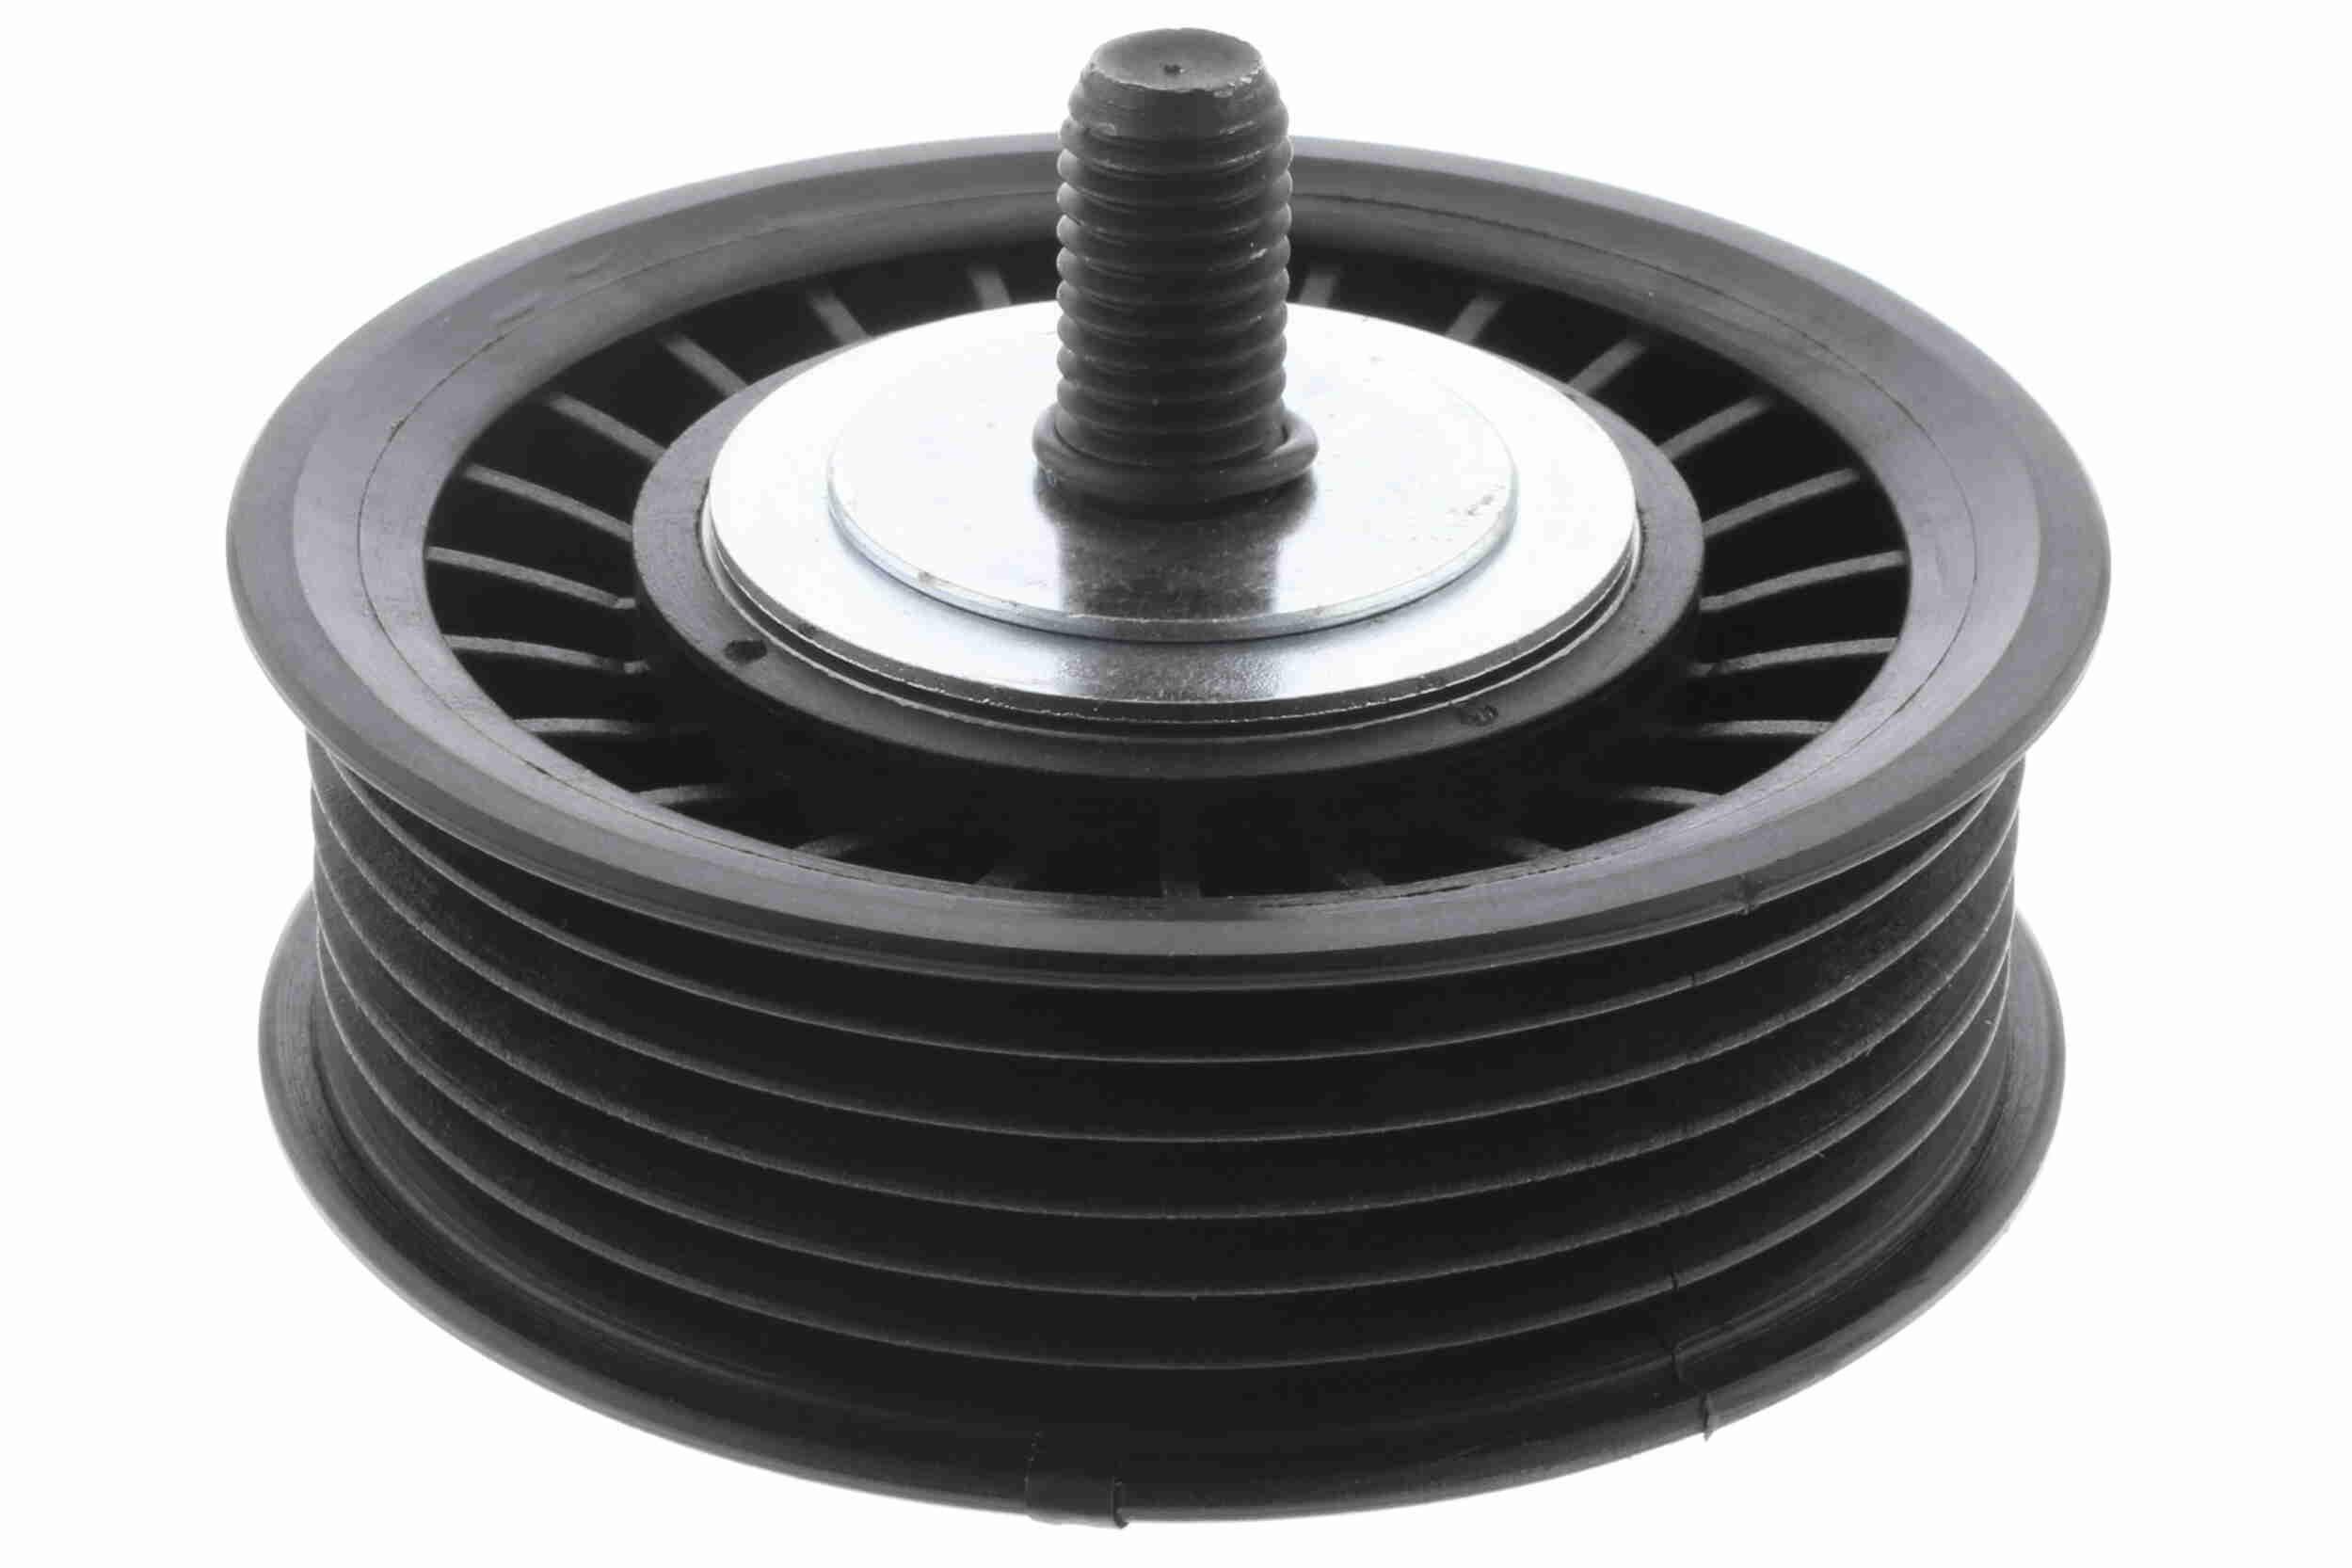 VAICO V46-1721 (Ø: 76mm) : Poulie renvoi / transmission, courroie trapézoïdale à nervures Renaul Kangoo 1 2016